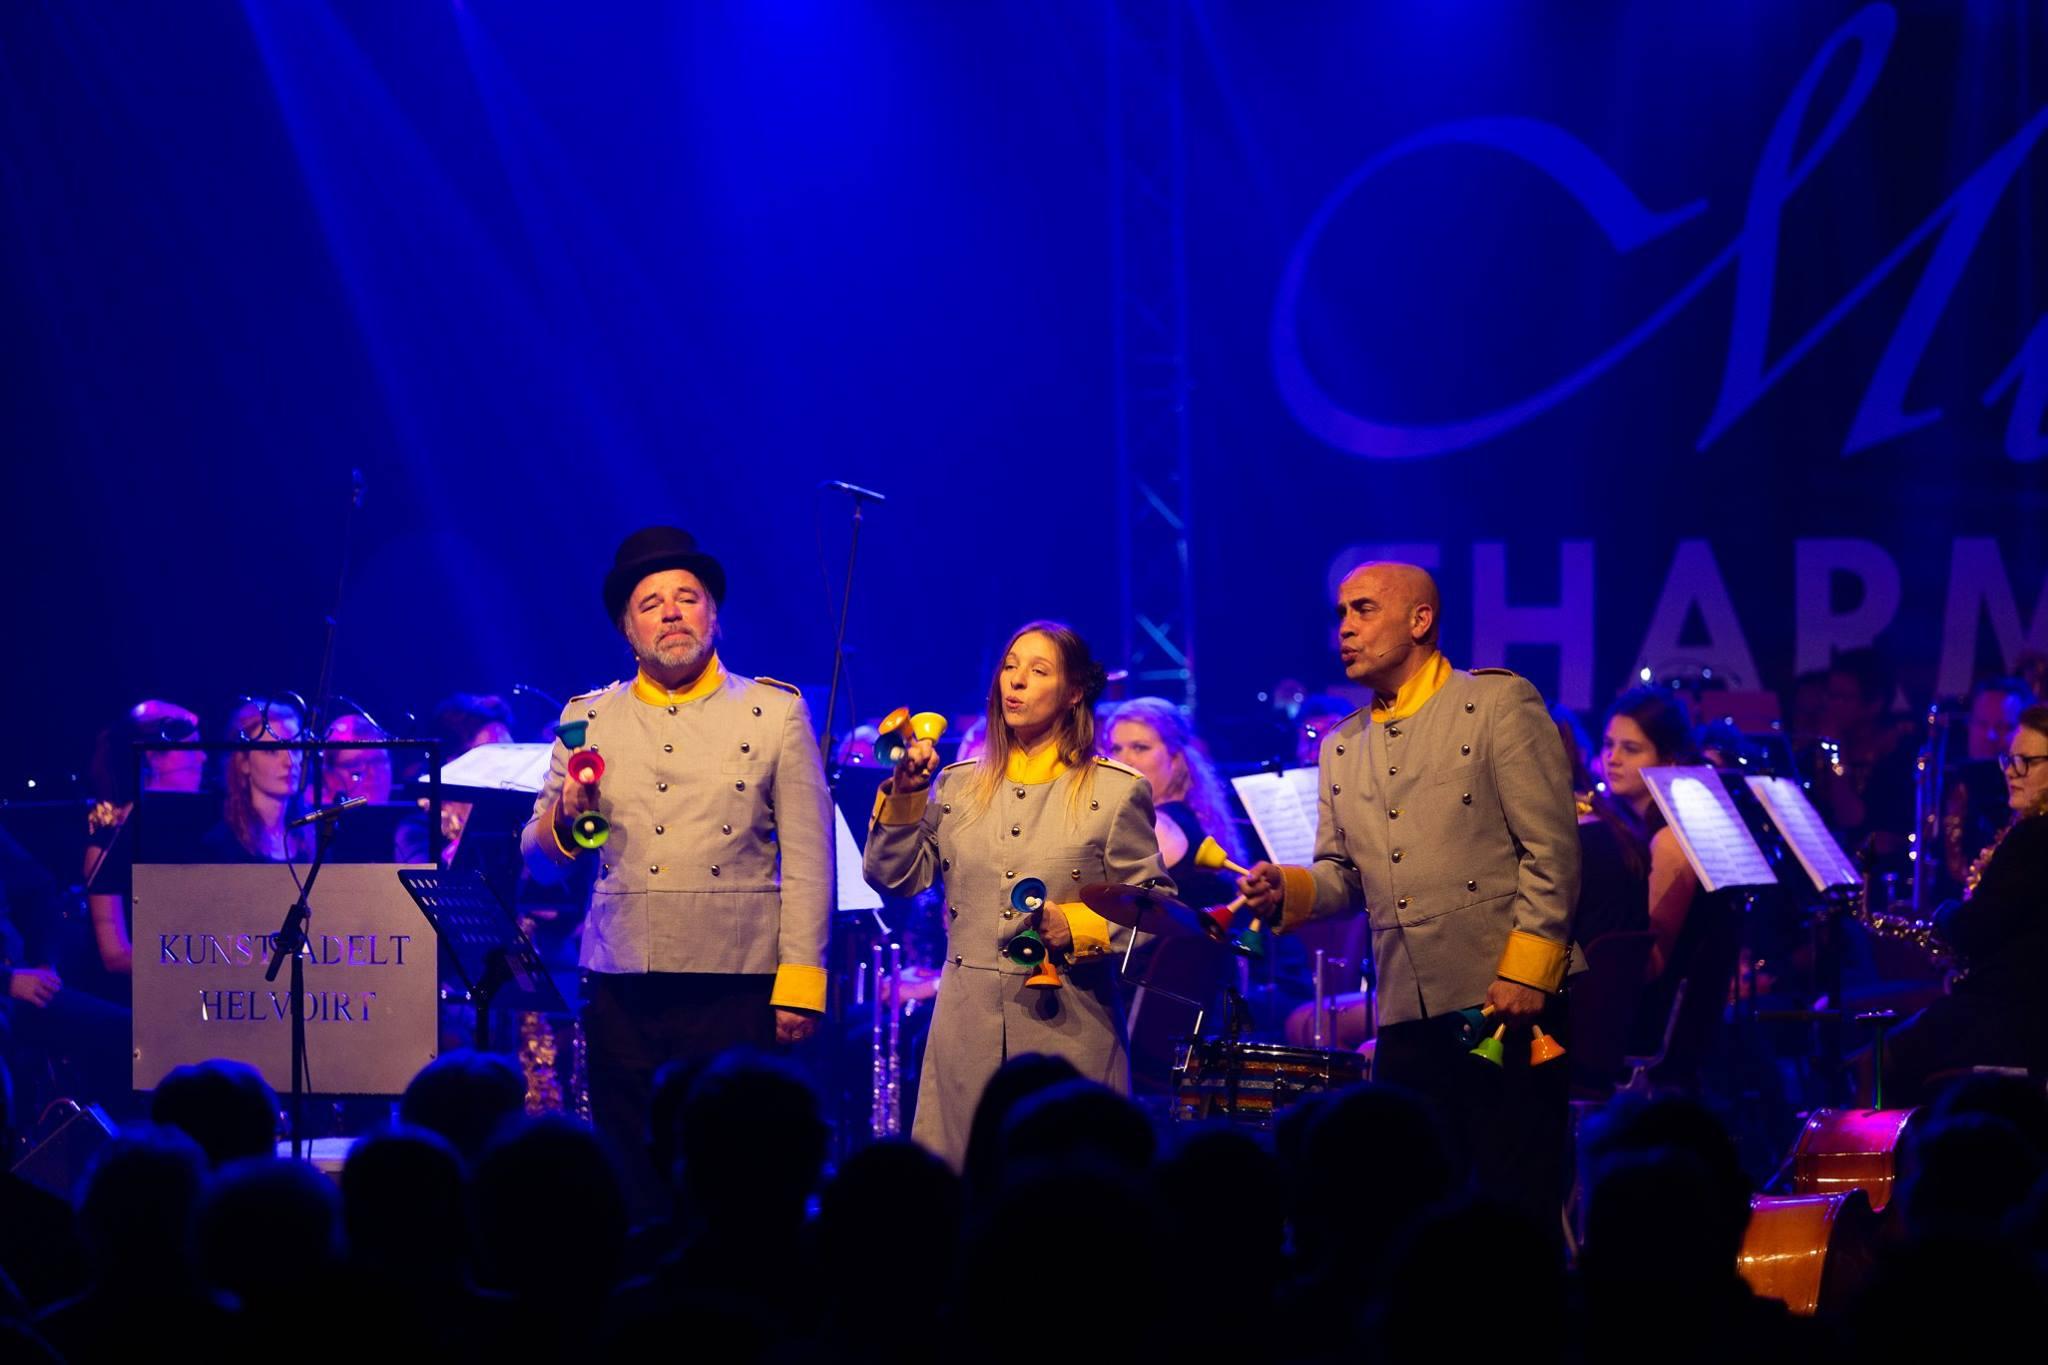 het comite orkest op groot podium voor orkest